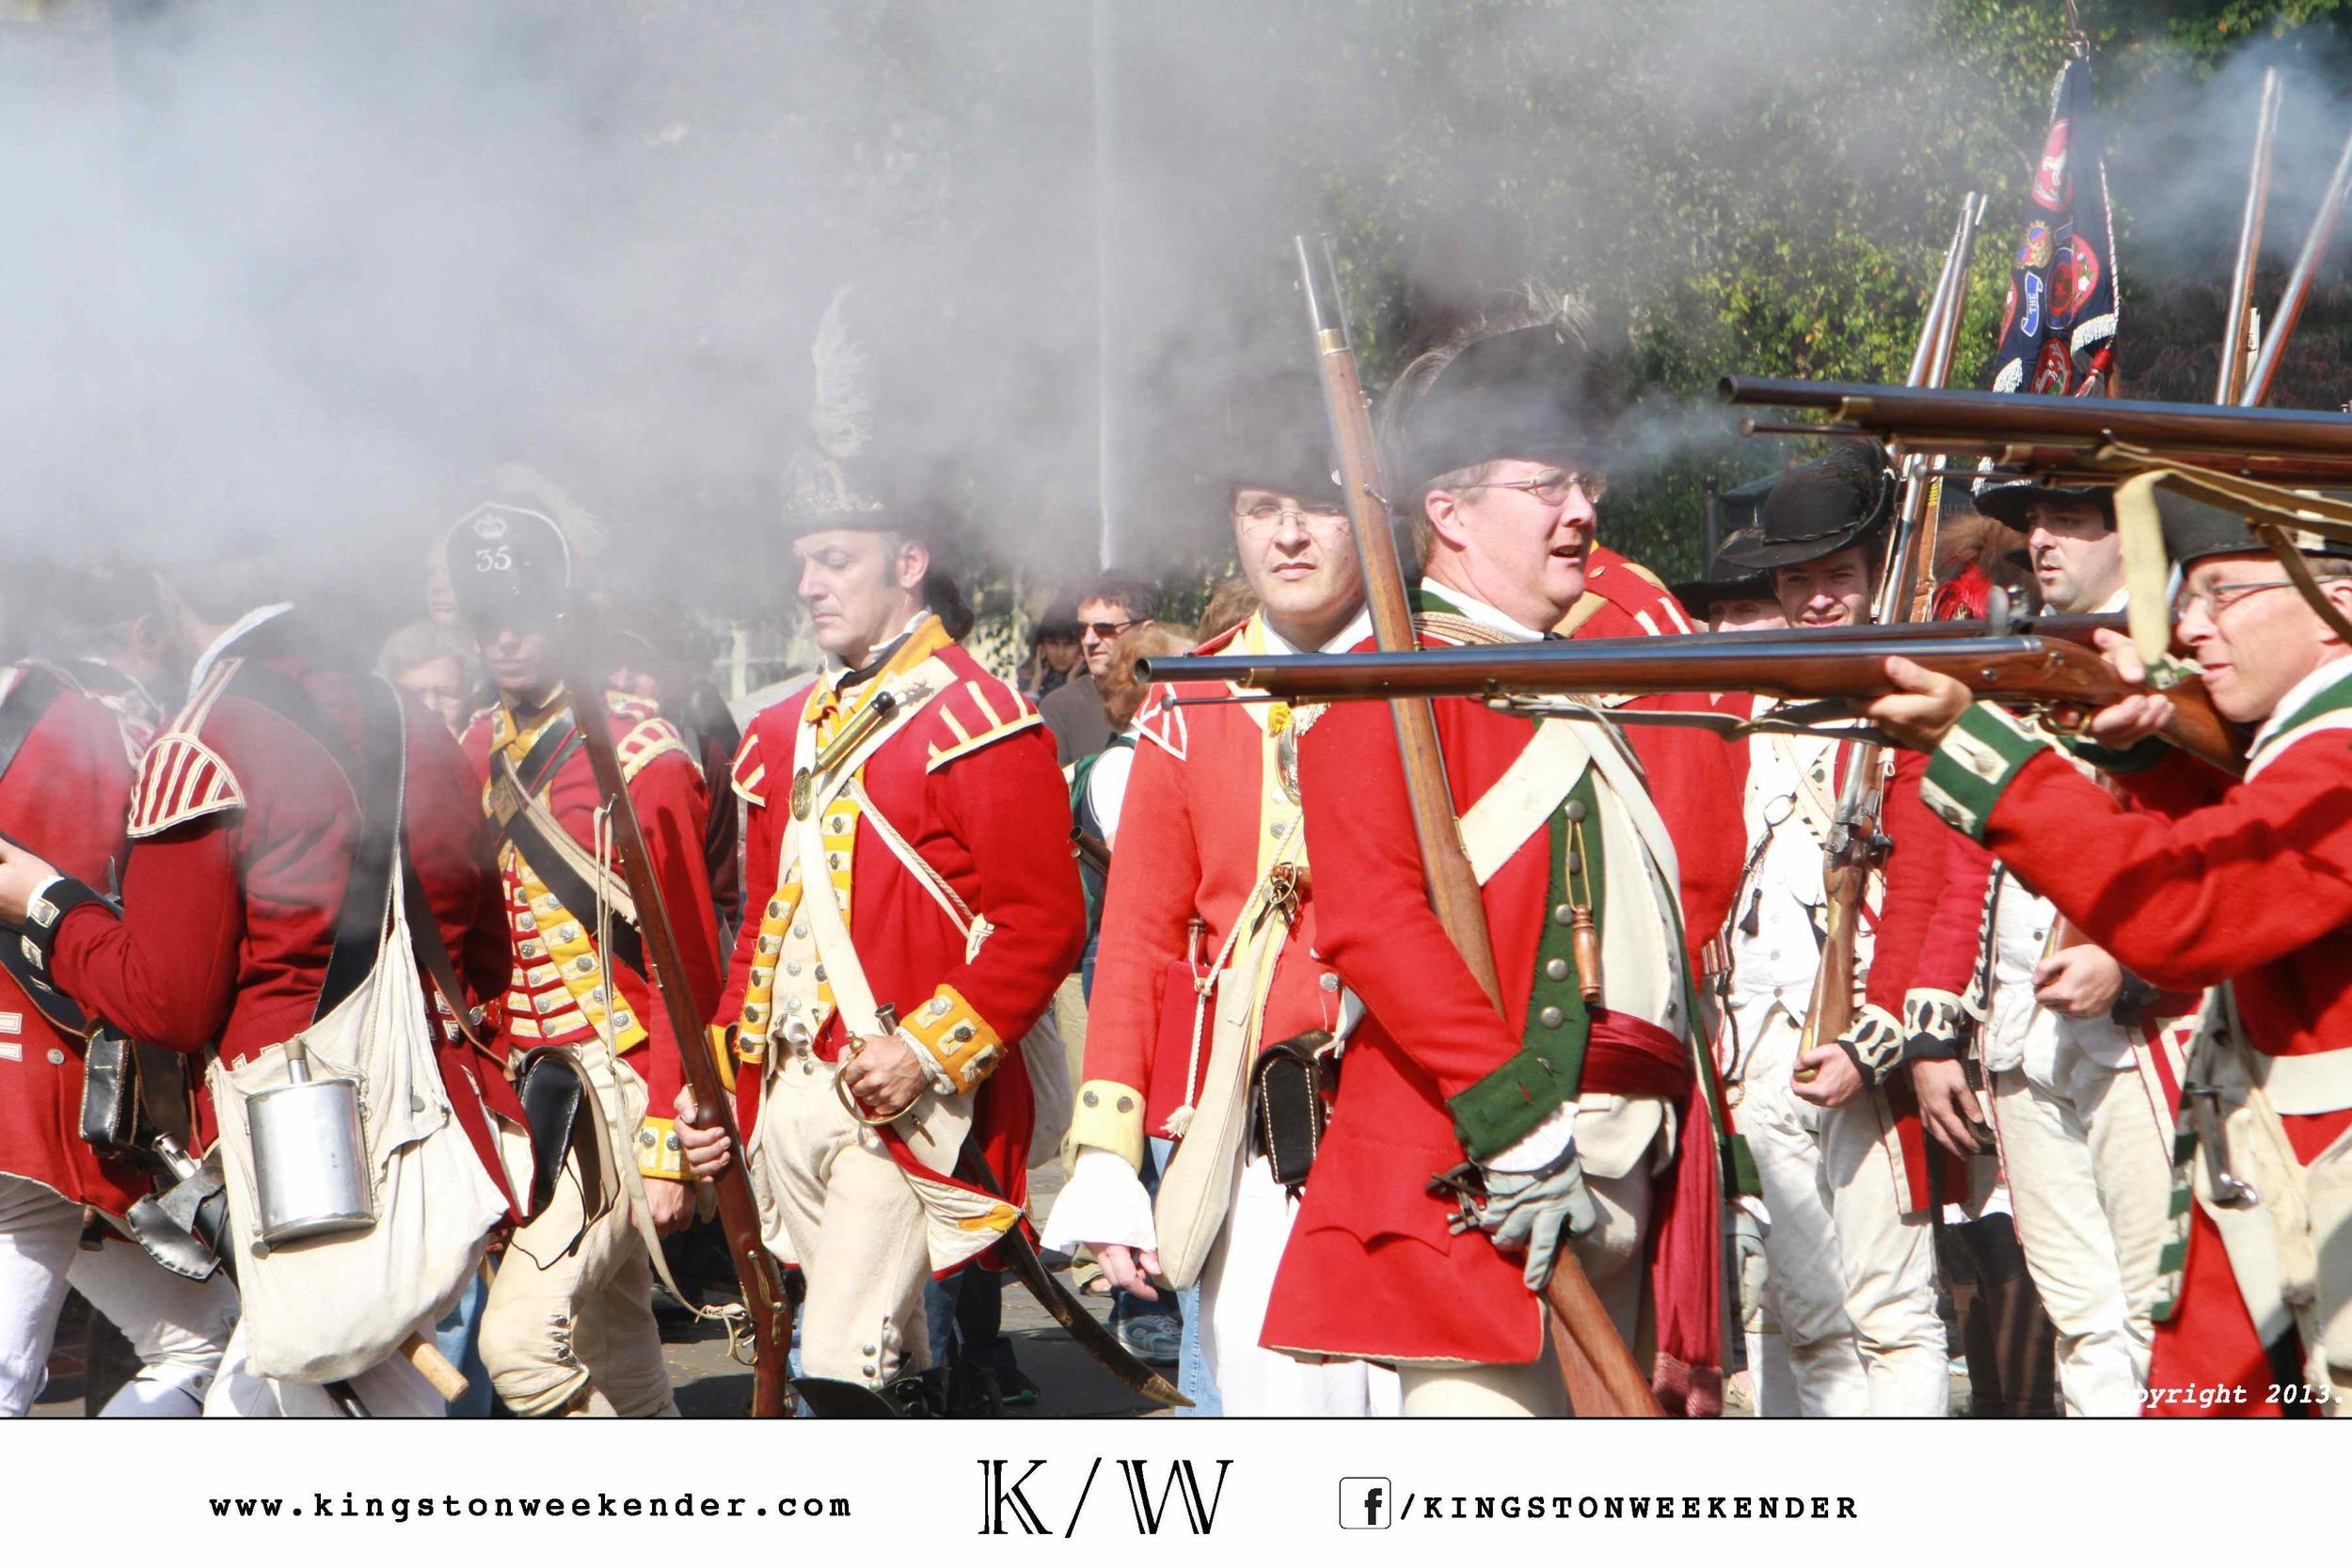 kingston-weekender-photo-credits29.jpg